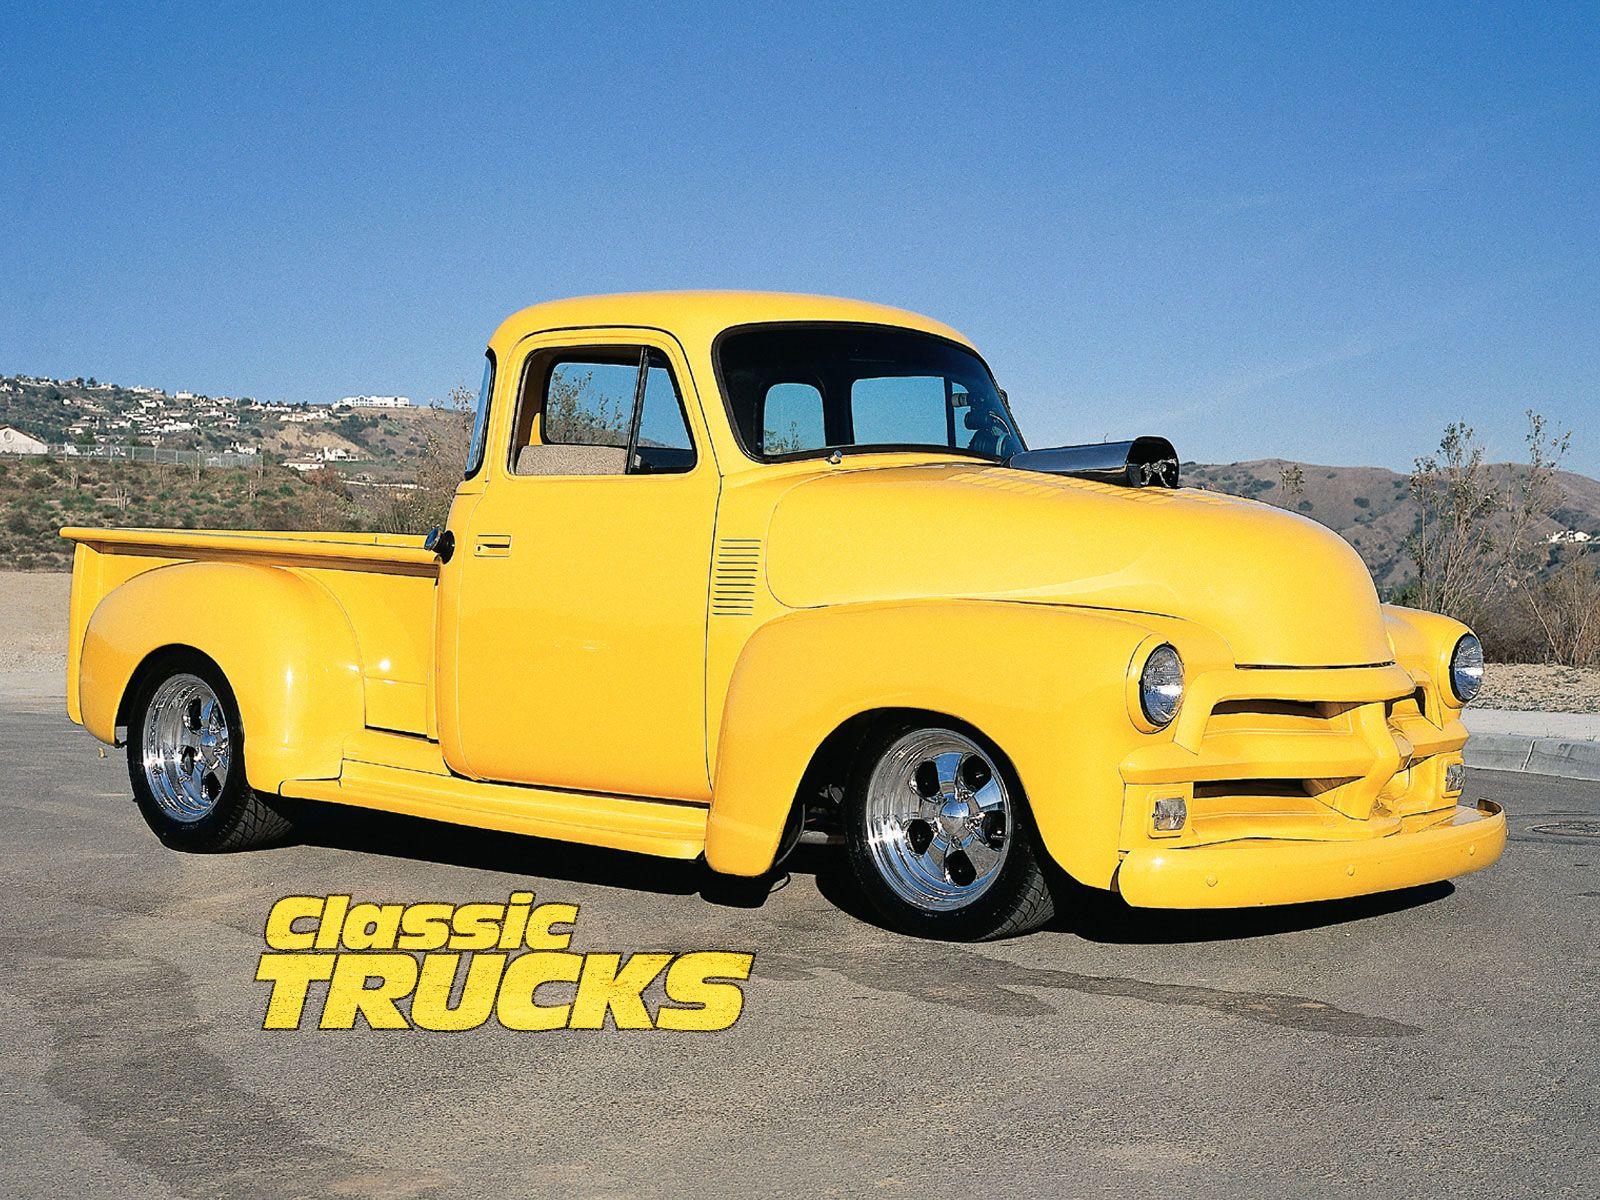 free desktop wallpapers 027 zclassic truck desktop wallpapers 1600x1200